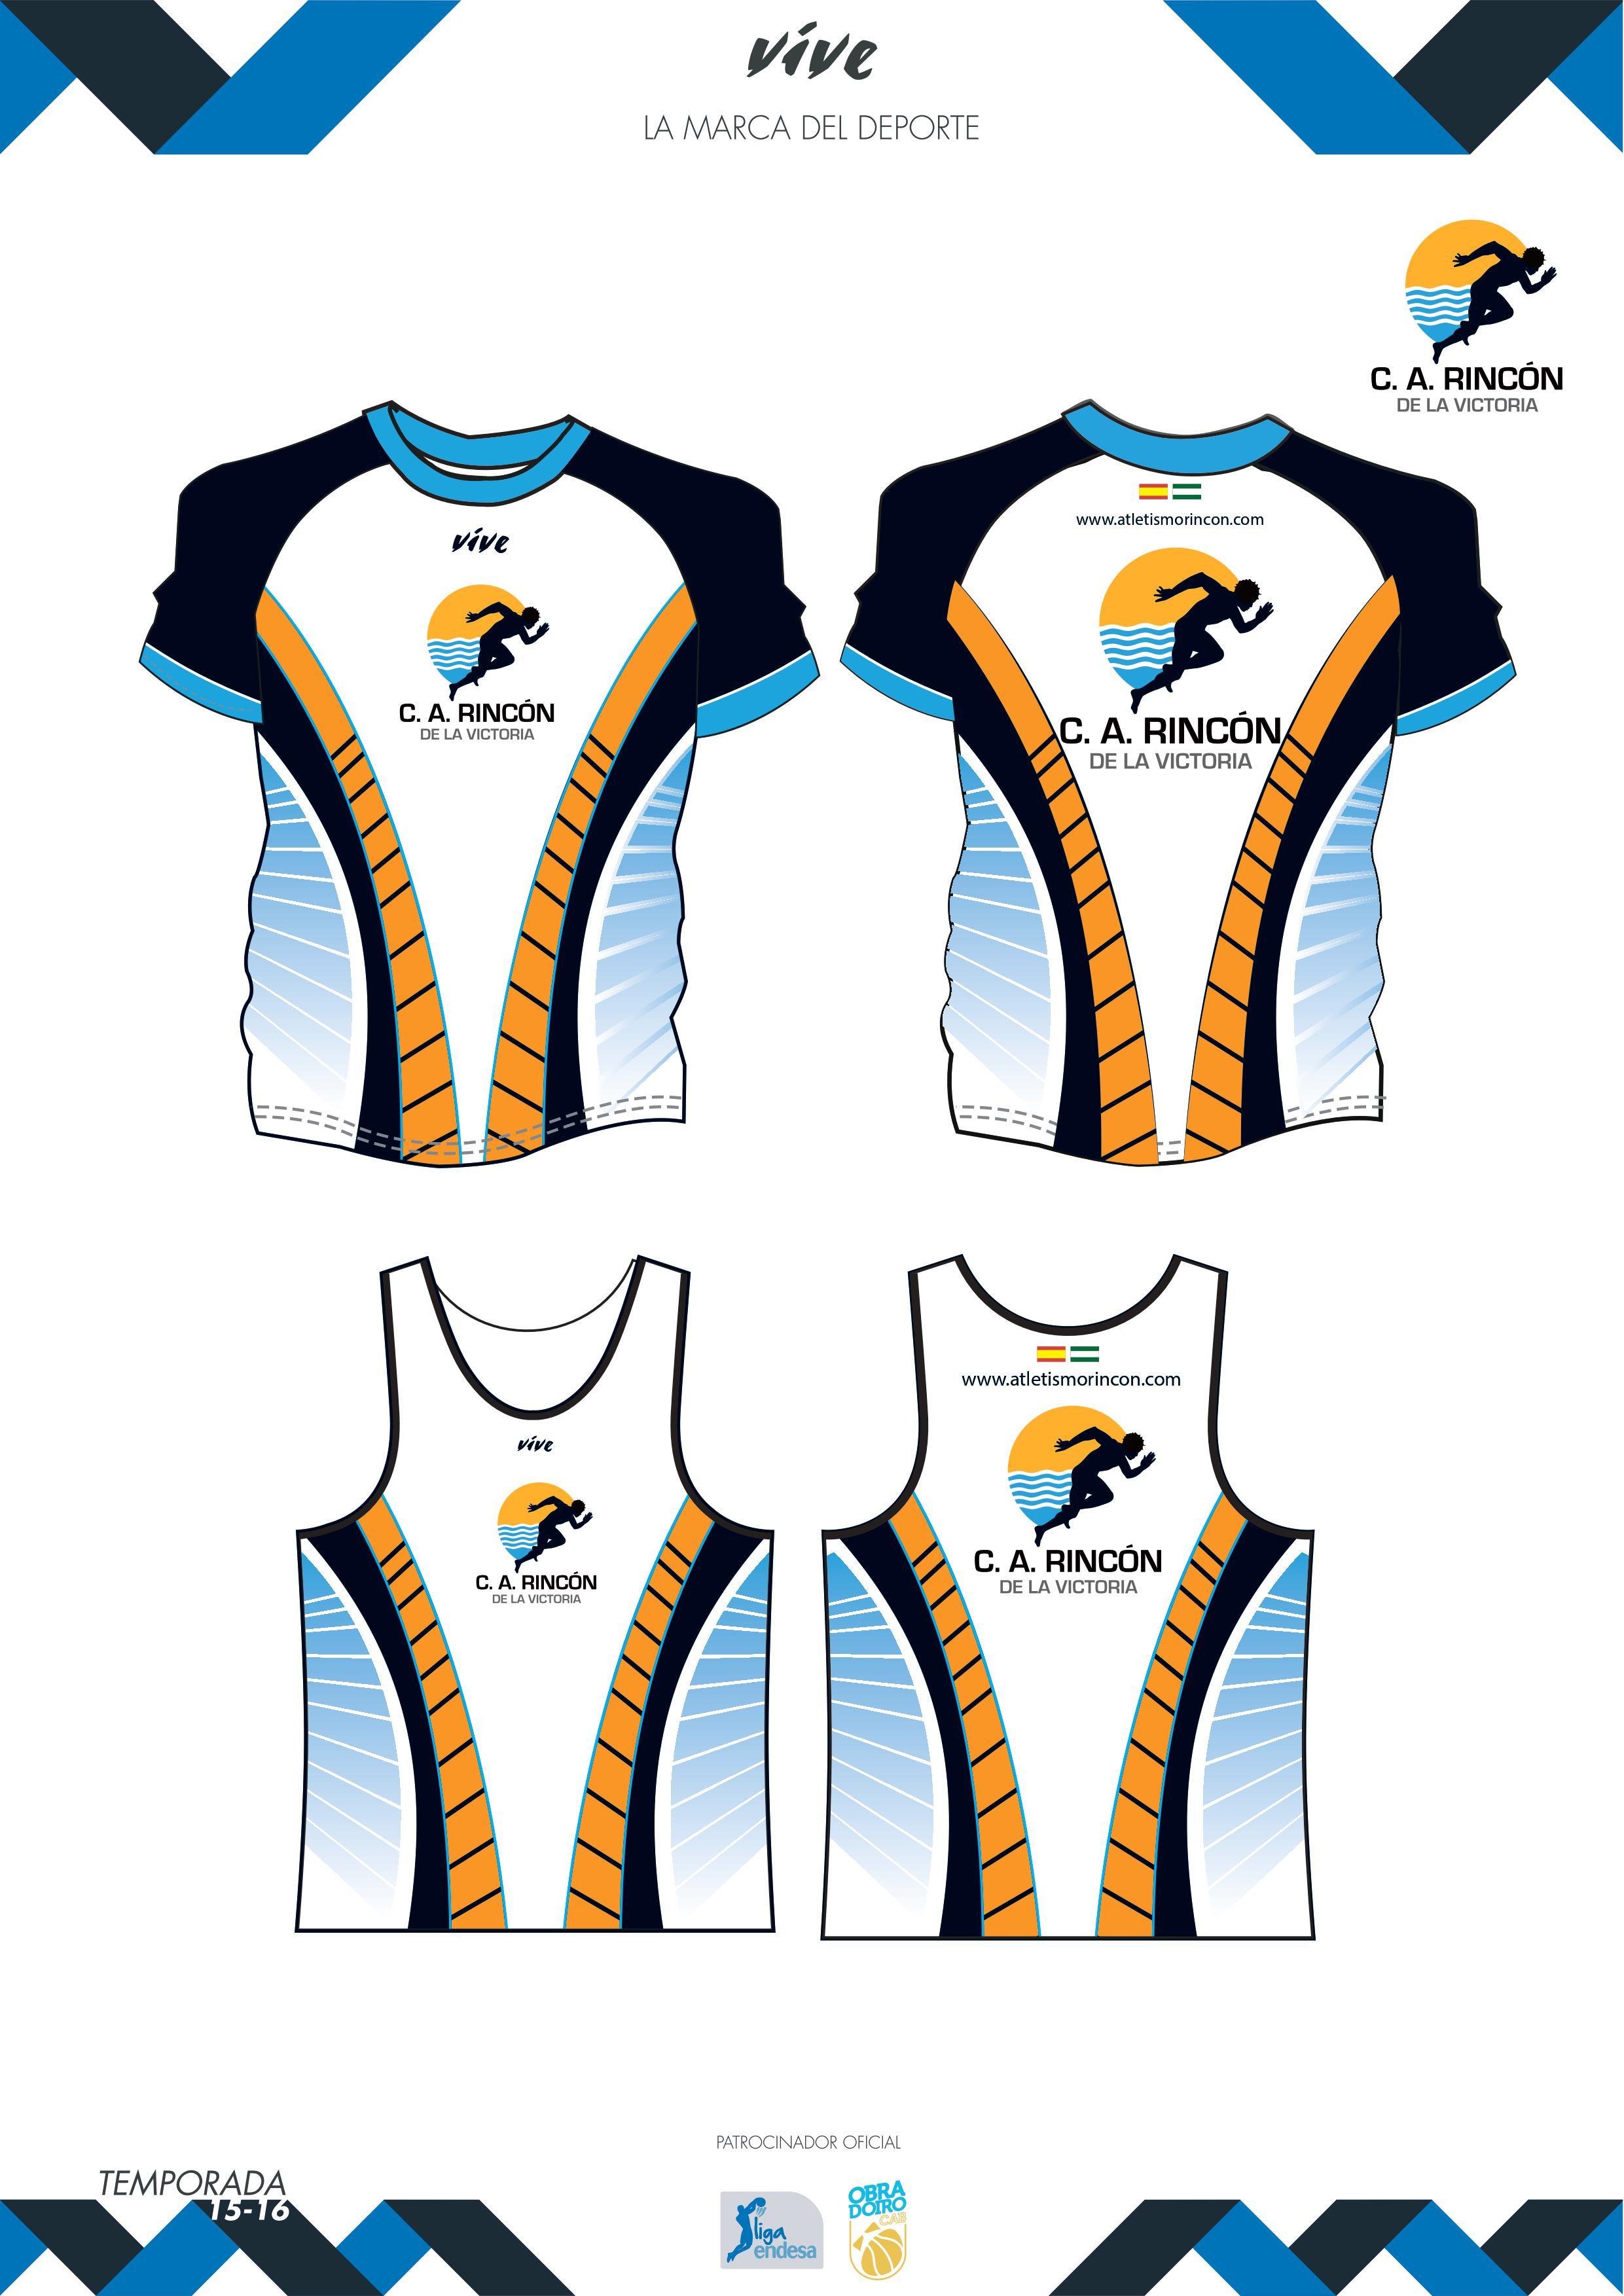 Nuevo vestuario Club Atletismo Rincon